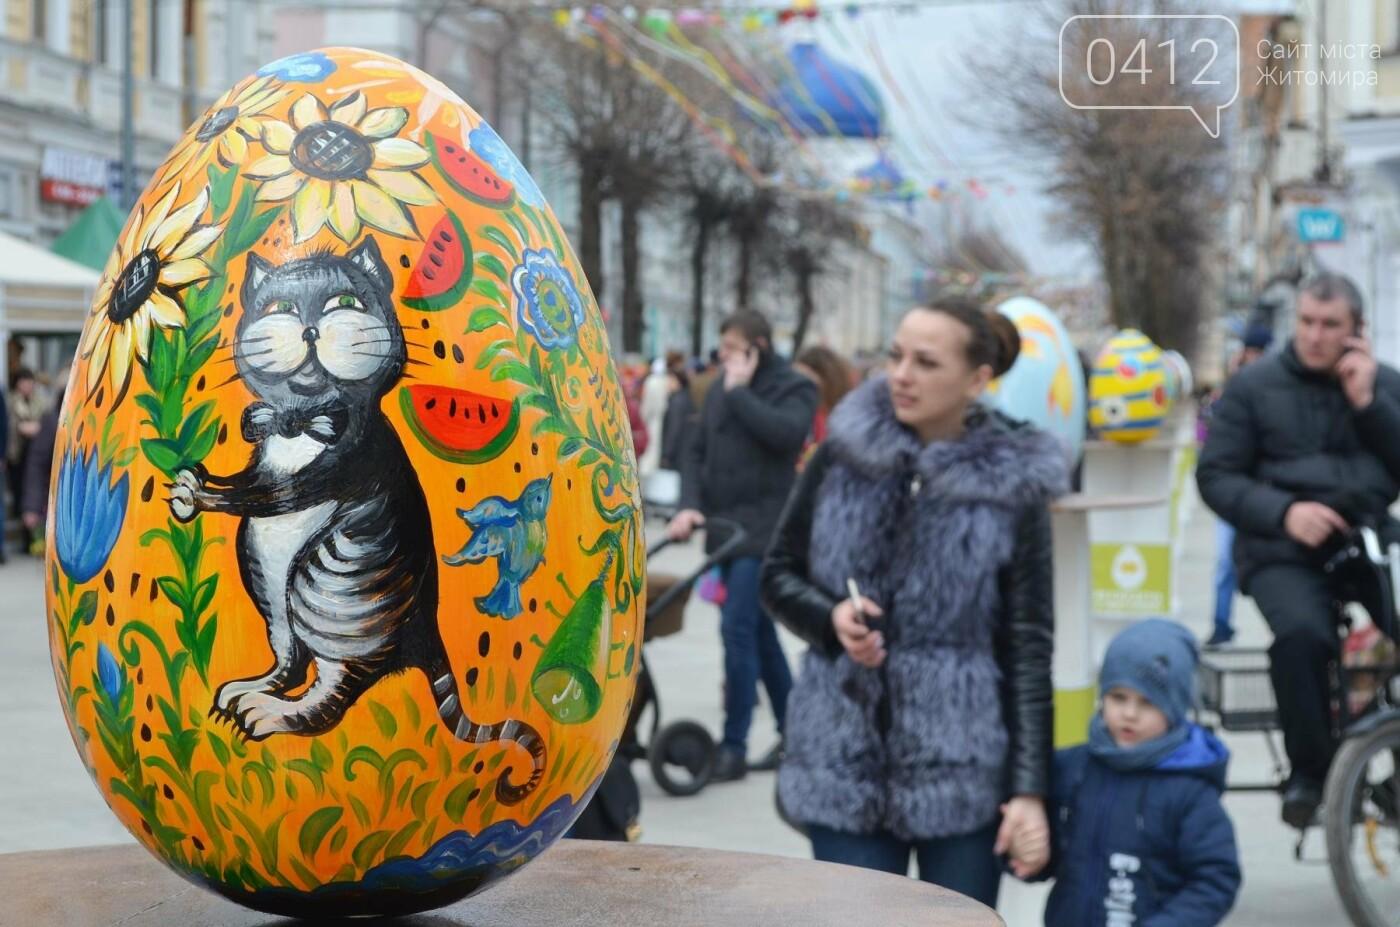 Ярмарок, фотолокації та розваги: у Житомирі розпочалися Великодні святкування, фото-1